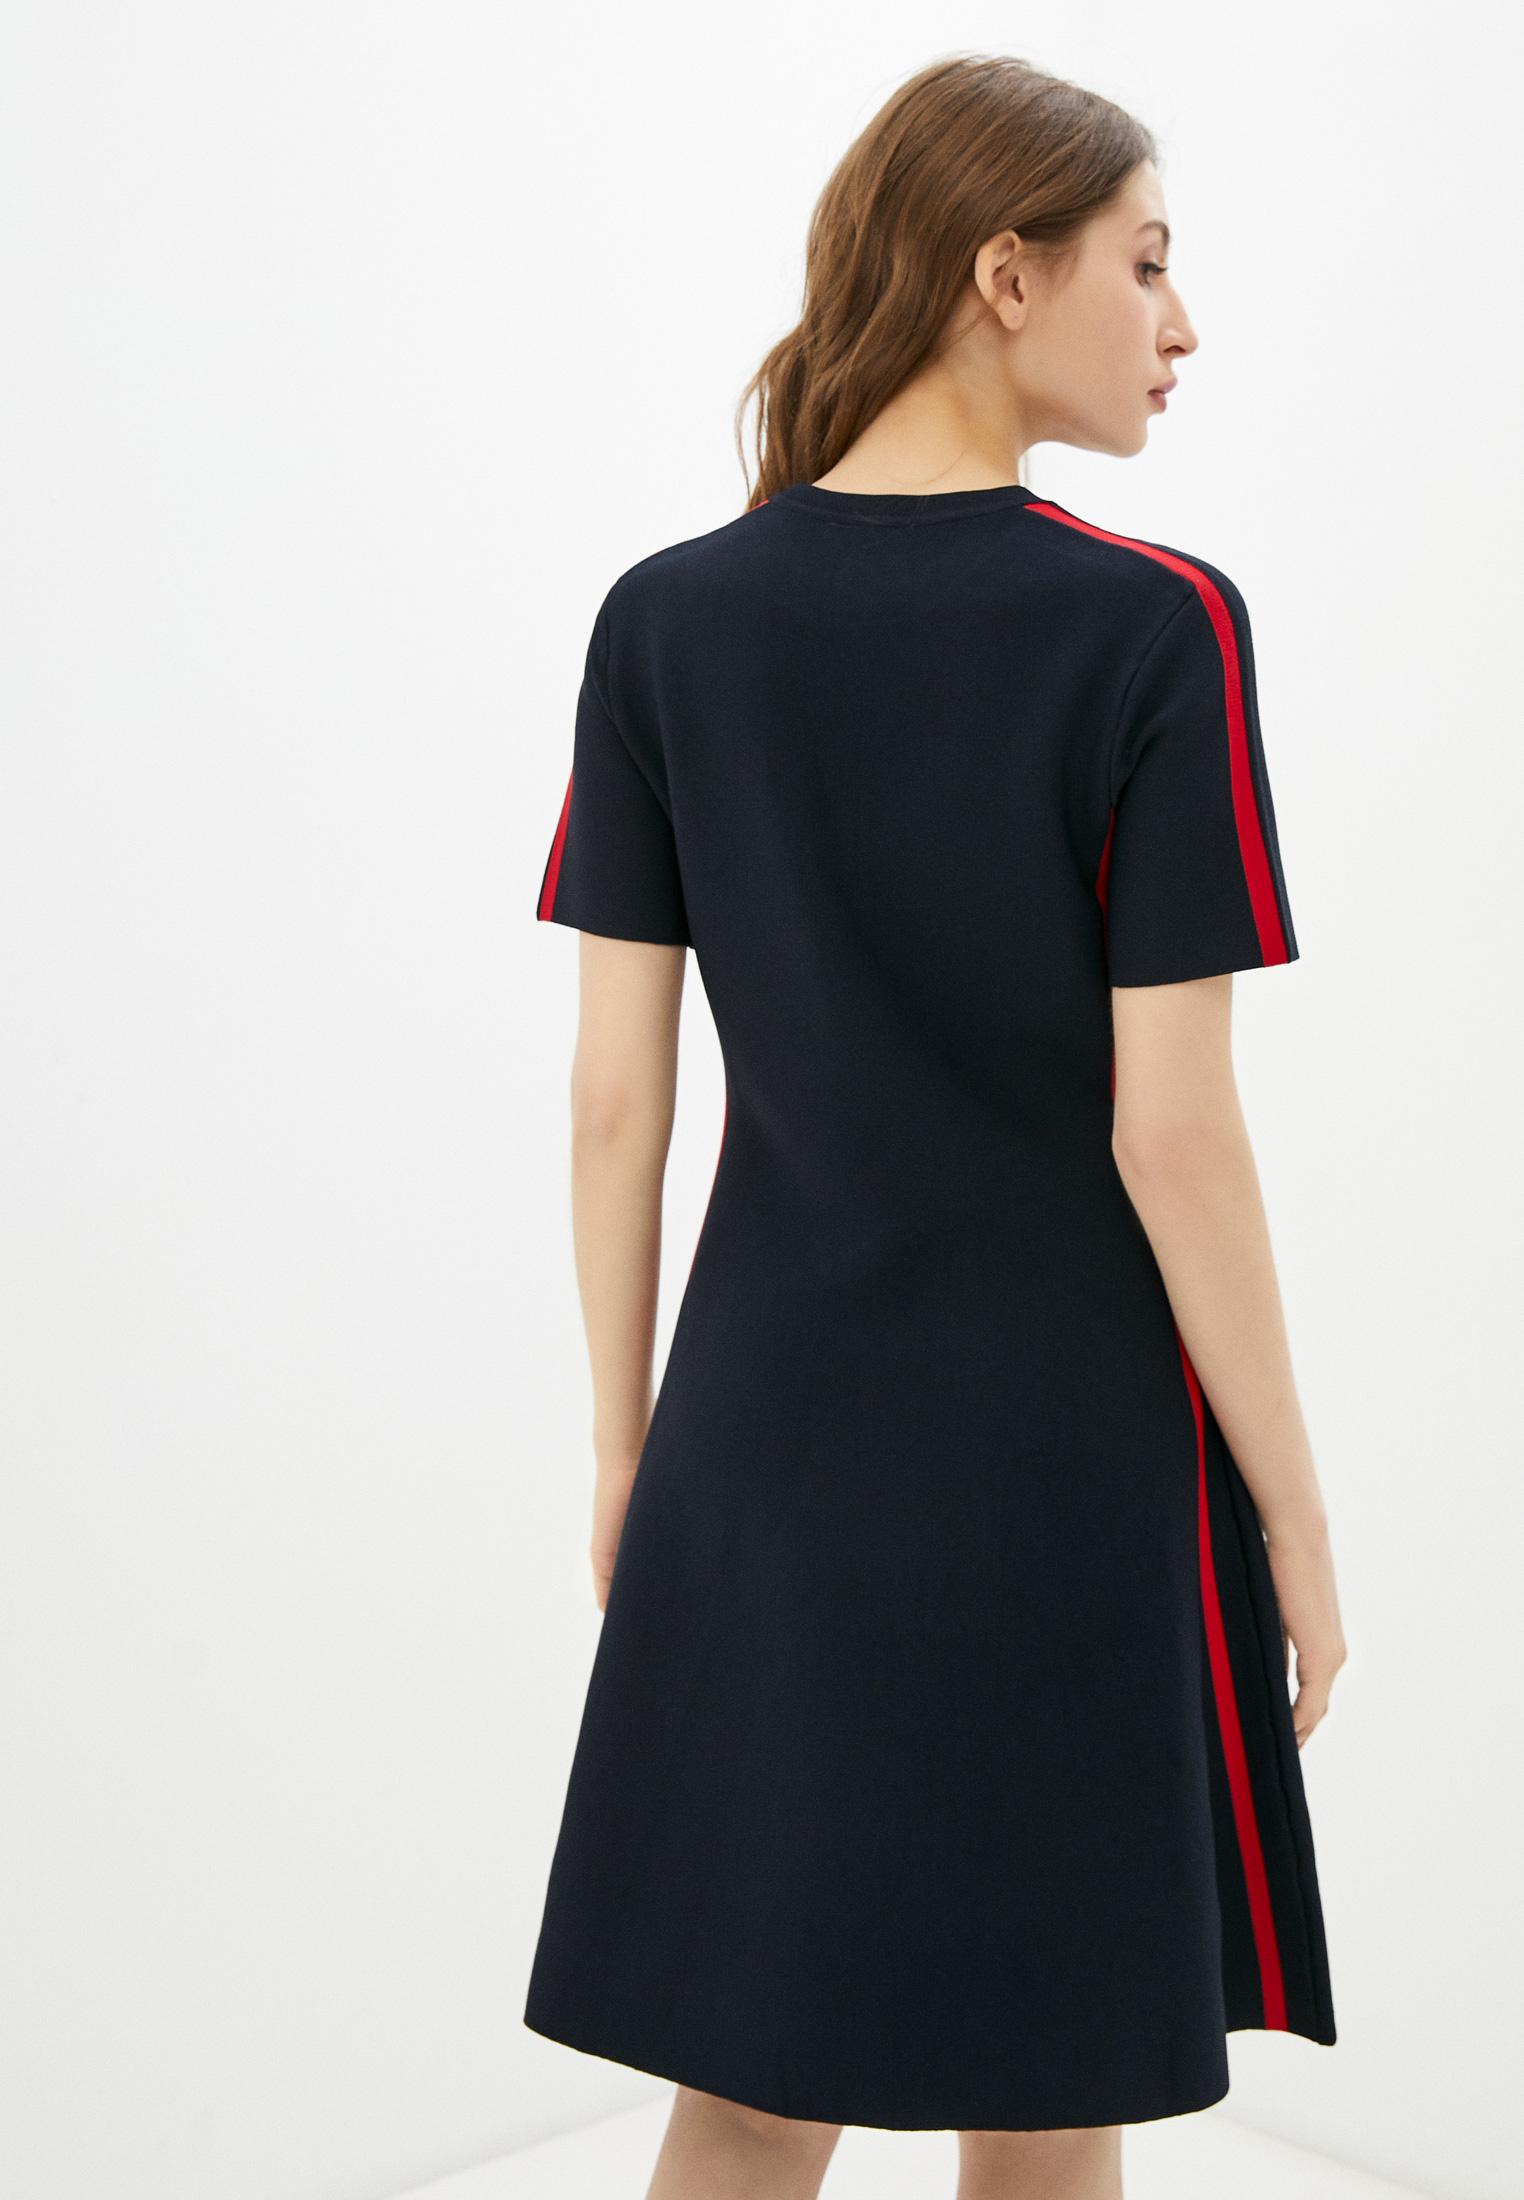 Вязаное платье Tommy Hilfiger (Томми Хилфигер) WW0WW30686: изображение 3